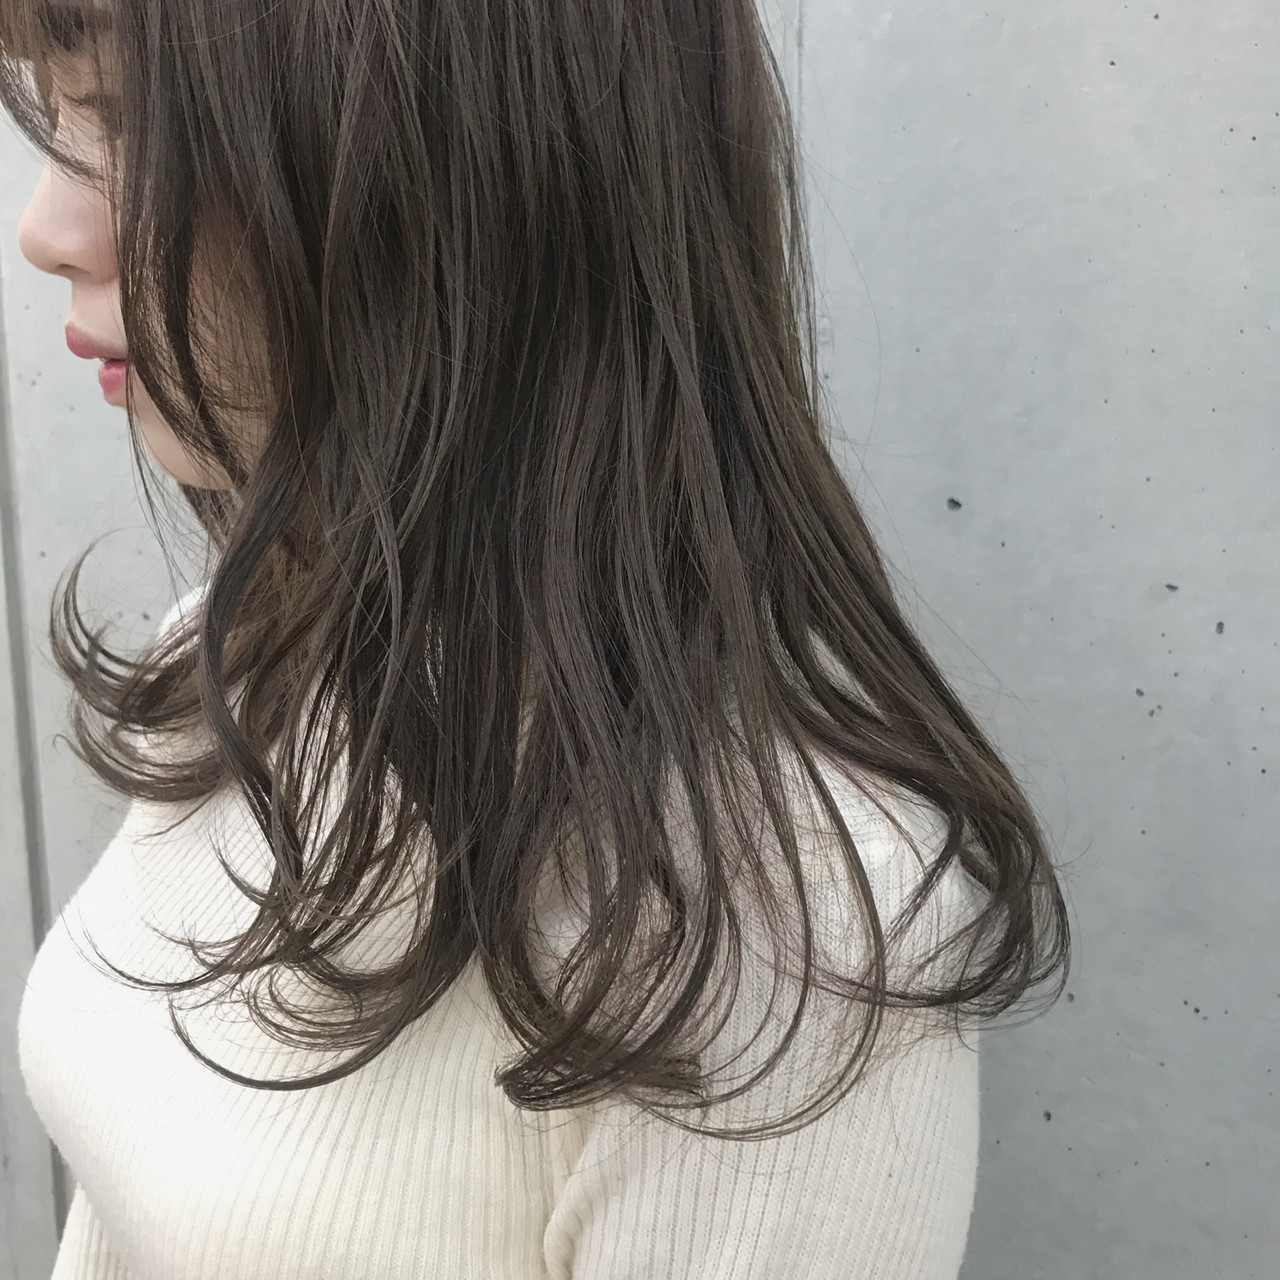 オーガニックアッシュ ナチュラル オーガニックカラー オーガニック ヘアスタイルや髪型の写真・画像 | 井浦果歩 / ecouter